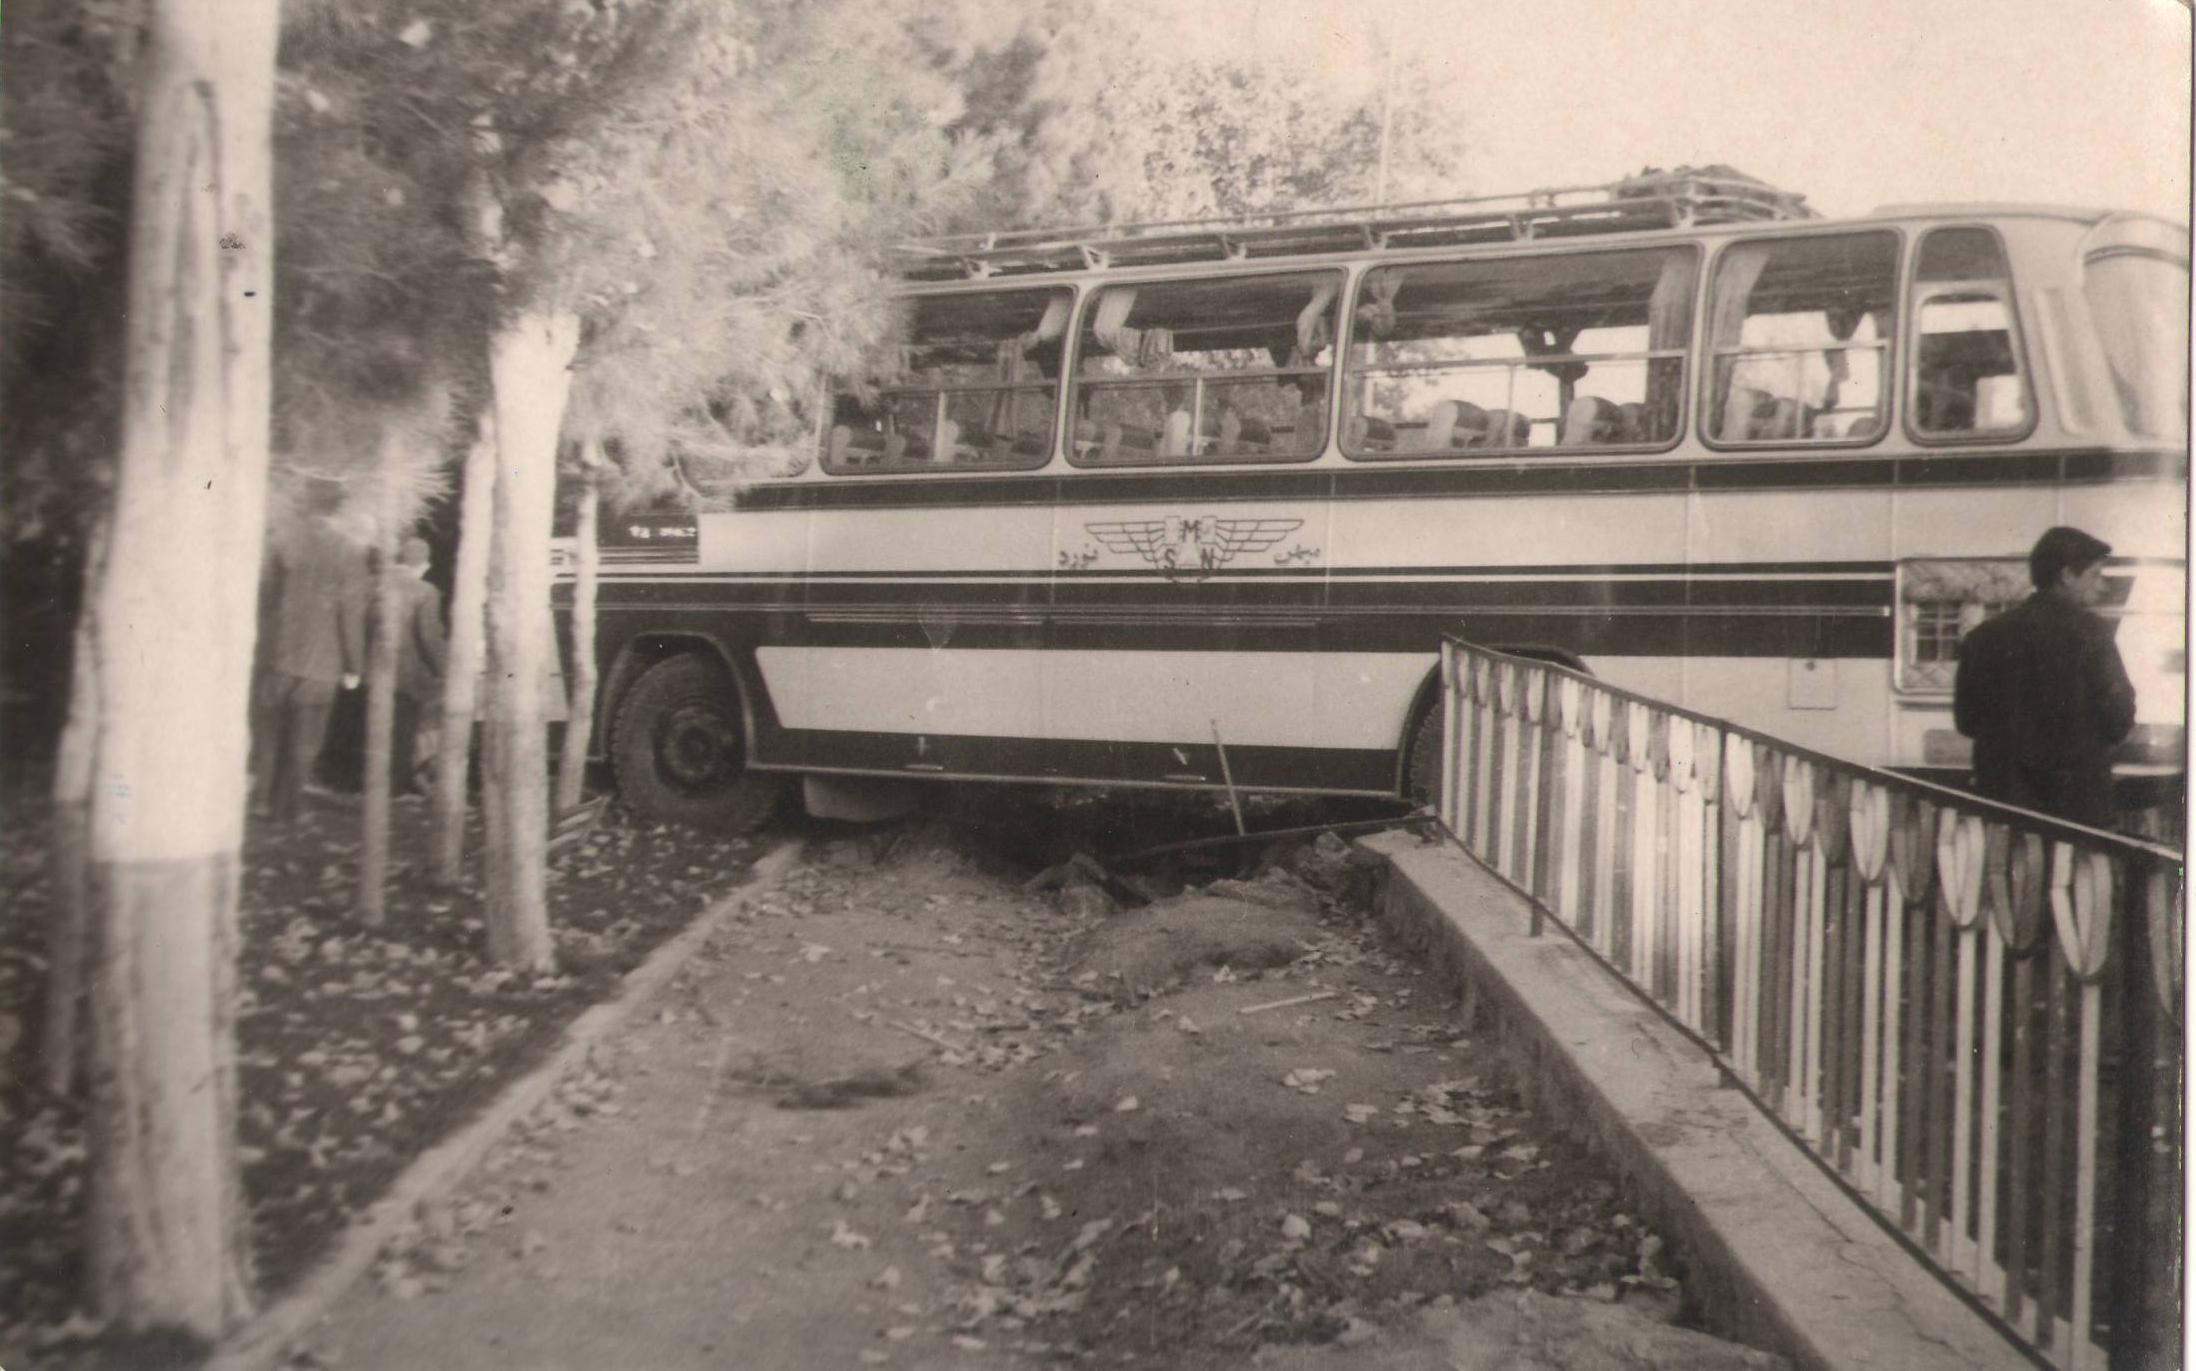 ورود اتوبوس به باغملی نجف آباد+تصاویر